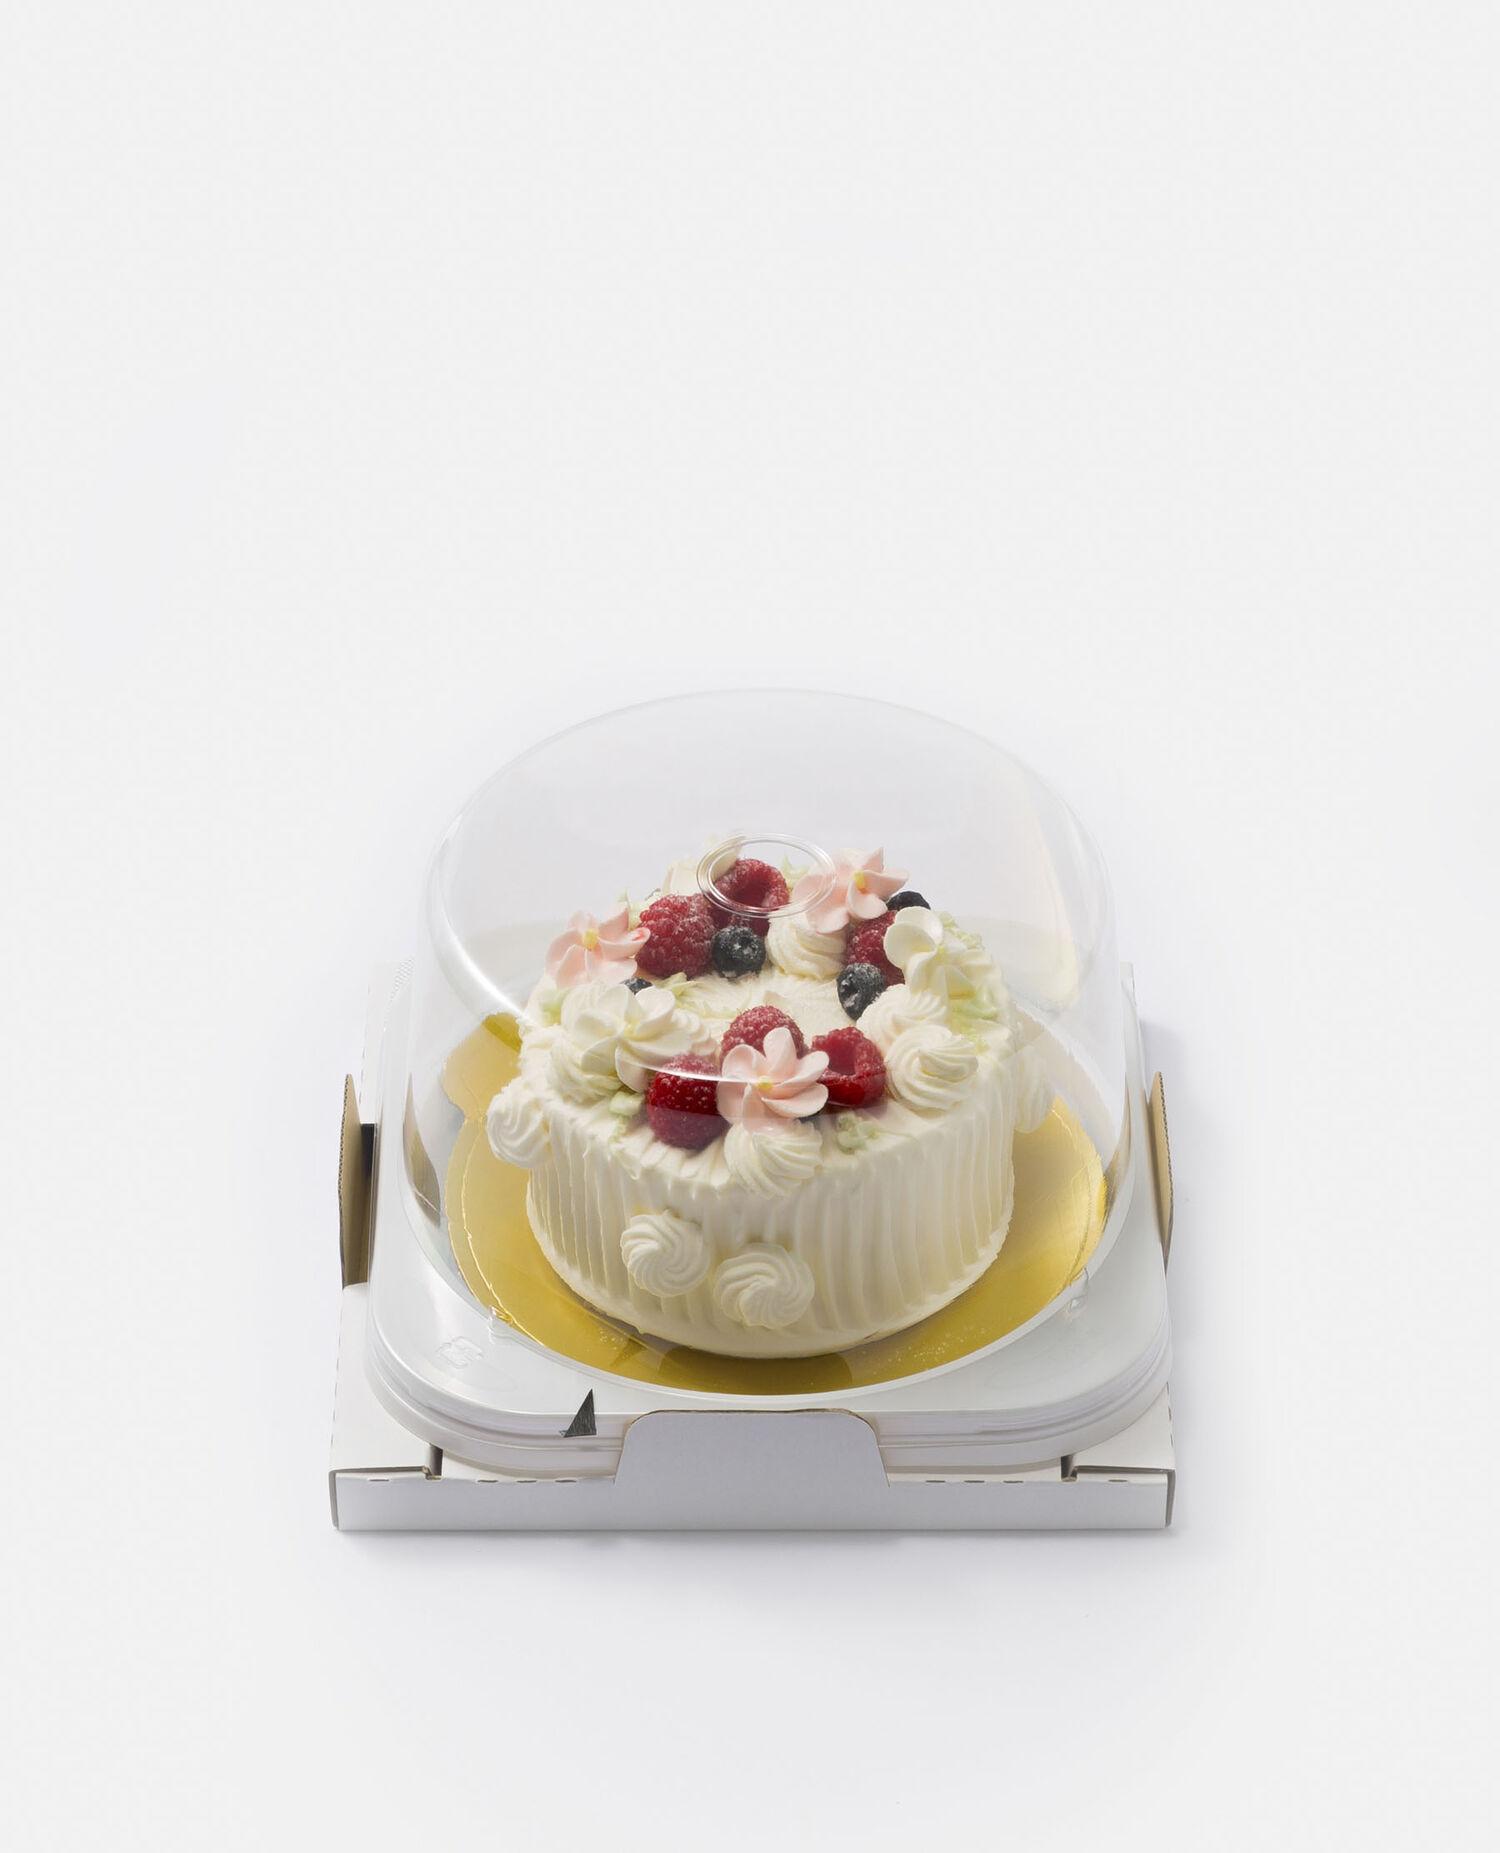 いちごとベリーのショートケーキ